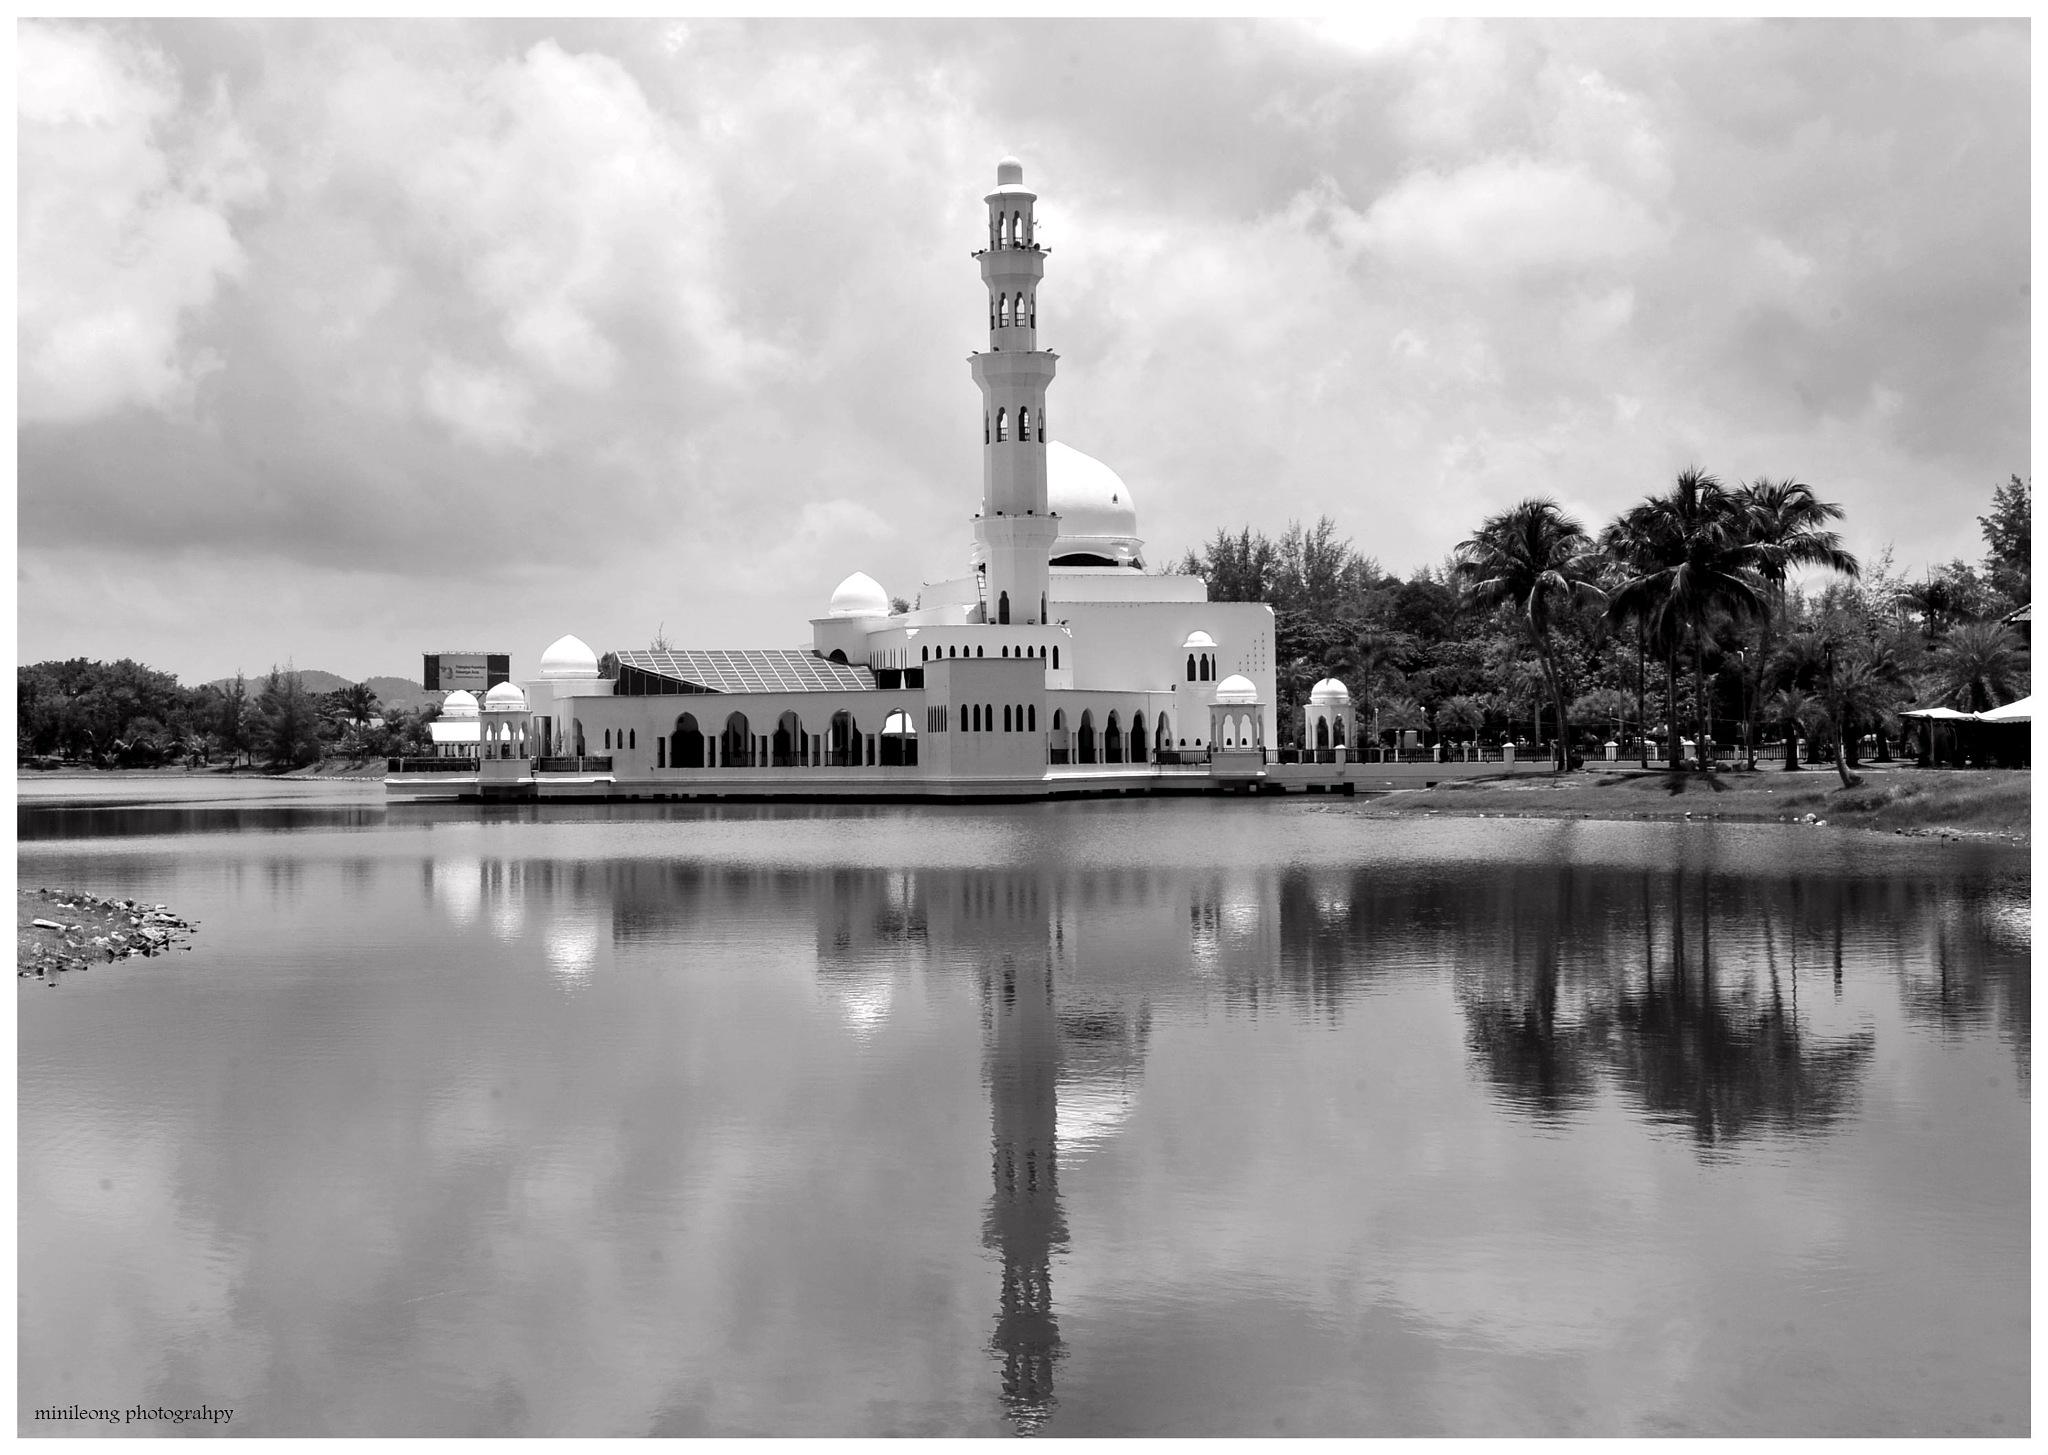 Beauty of Malaysia 03: Floating Tengku Tengah Zaharah Mosque  by minileong